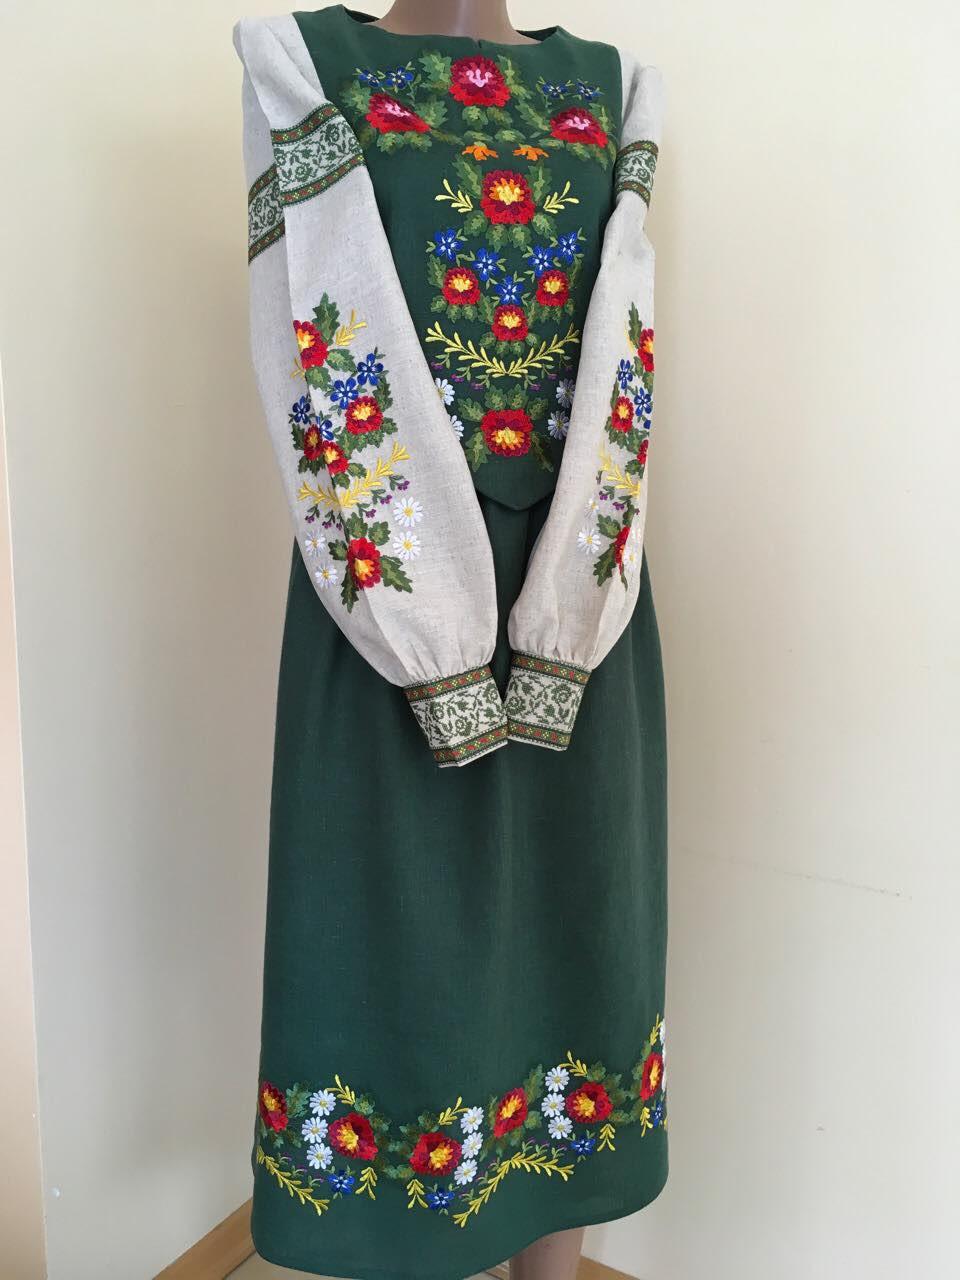 Дизайнерська сукня вишиванка на льоні розмір 44-46 (М-L)  продажа ... 676d96cd45b13